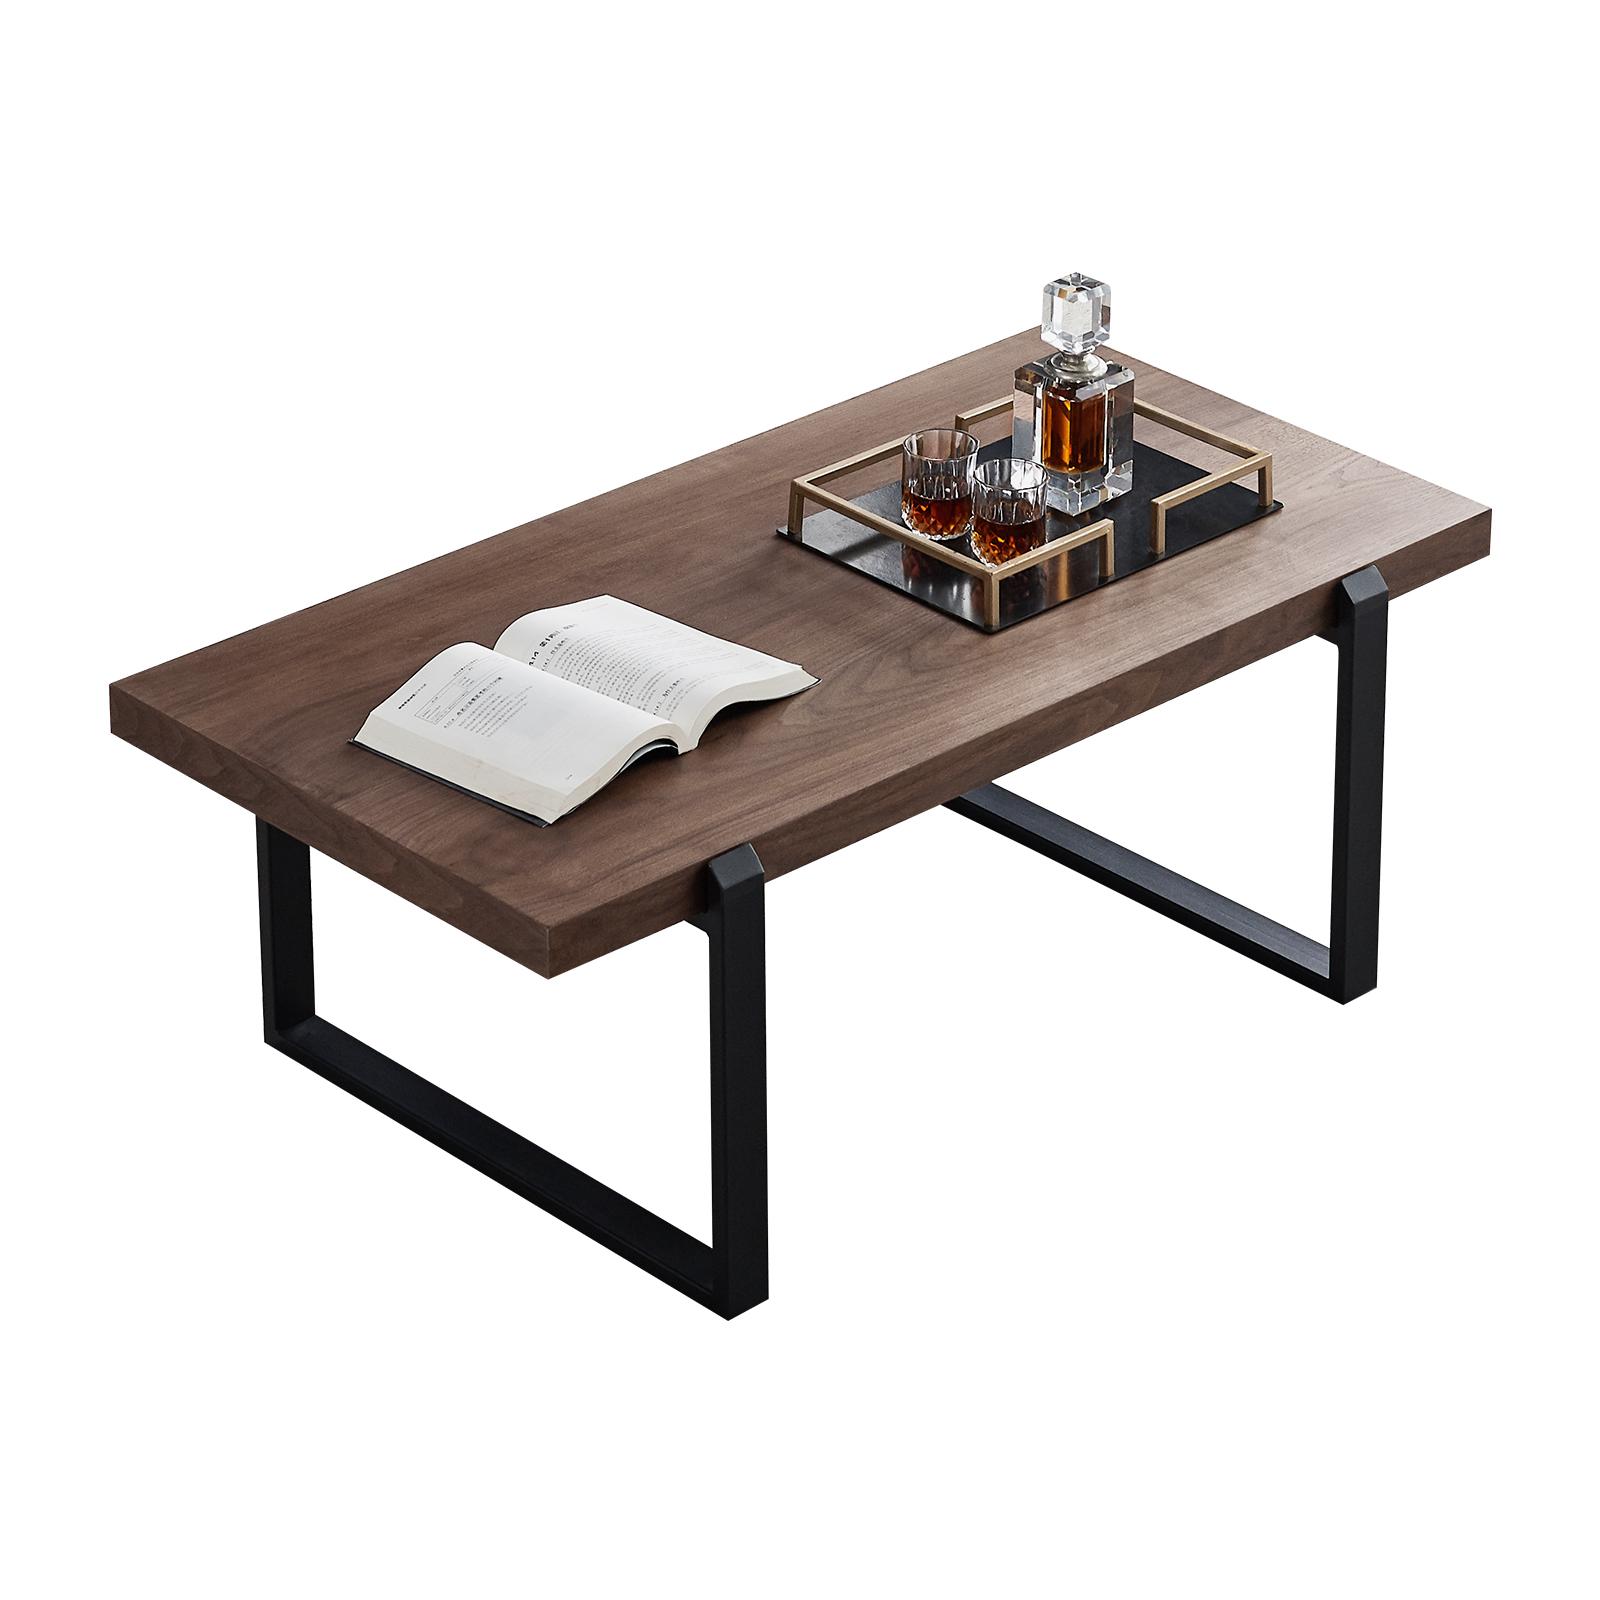 带金属框架的咖啡桌,客厅中心桌/电视架边咖啡桌